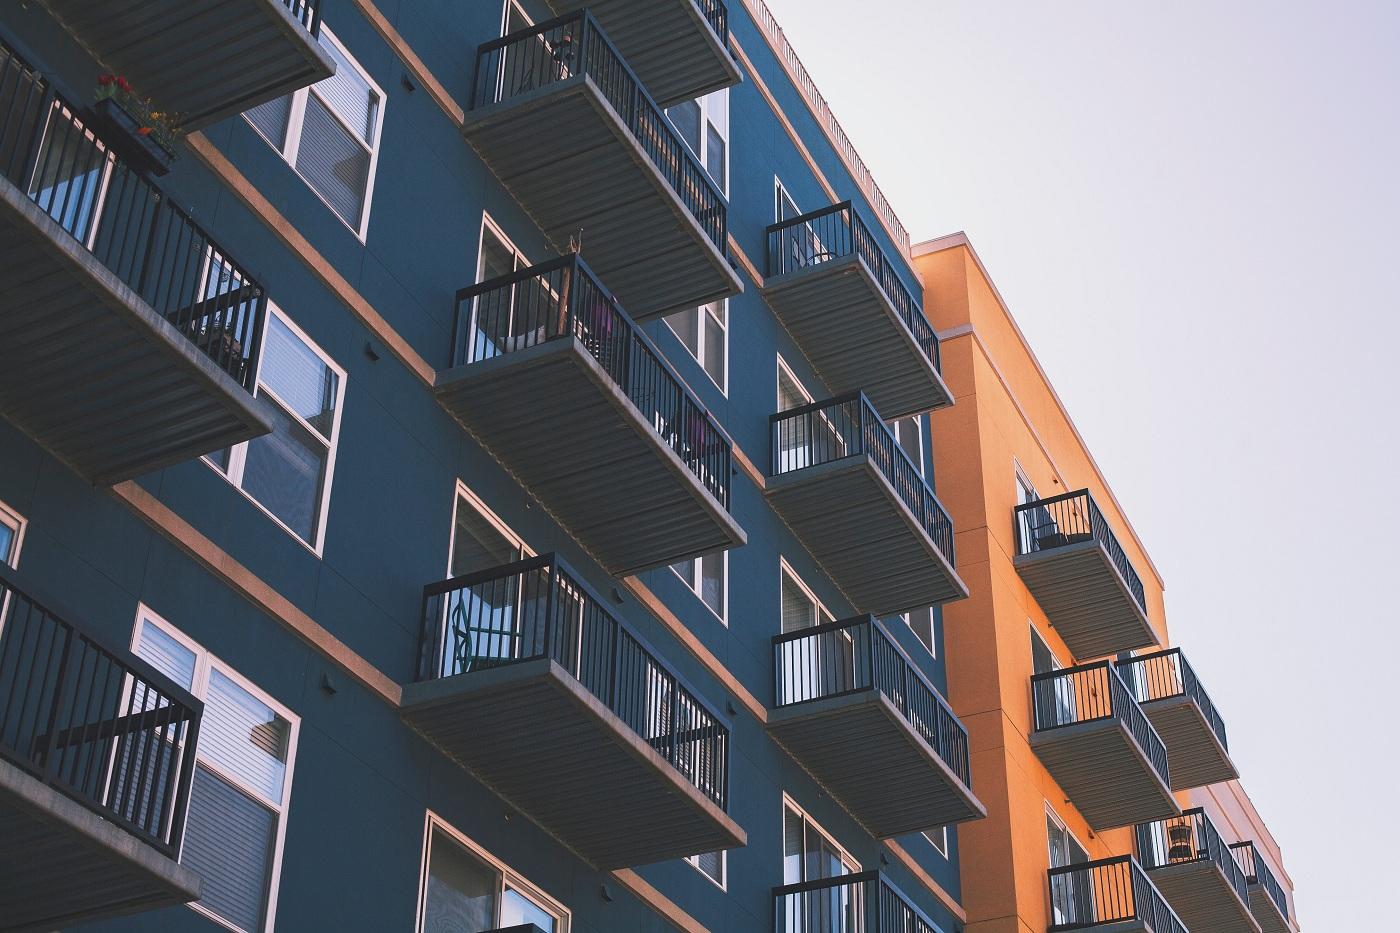 Як підвищити енергоефективність житлових будинків в Україні